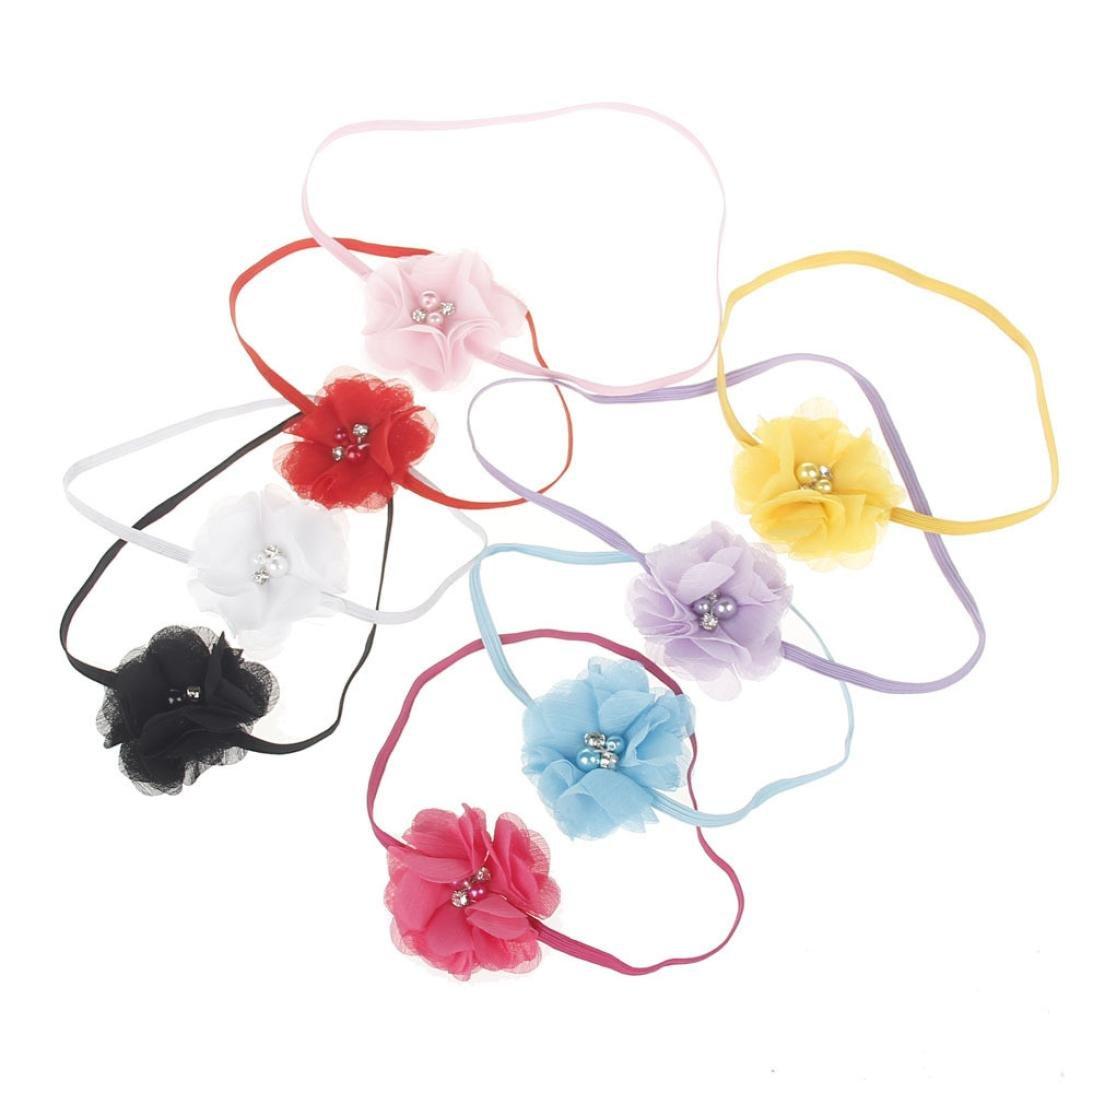 Huhu833 Kinder M/ädchen Baby Kleinkind Blume Stirnband Haarband Baby M/ädchen Zubeh/ör Headwear f/ür Kleinkinder